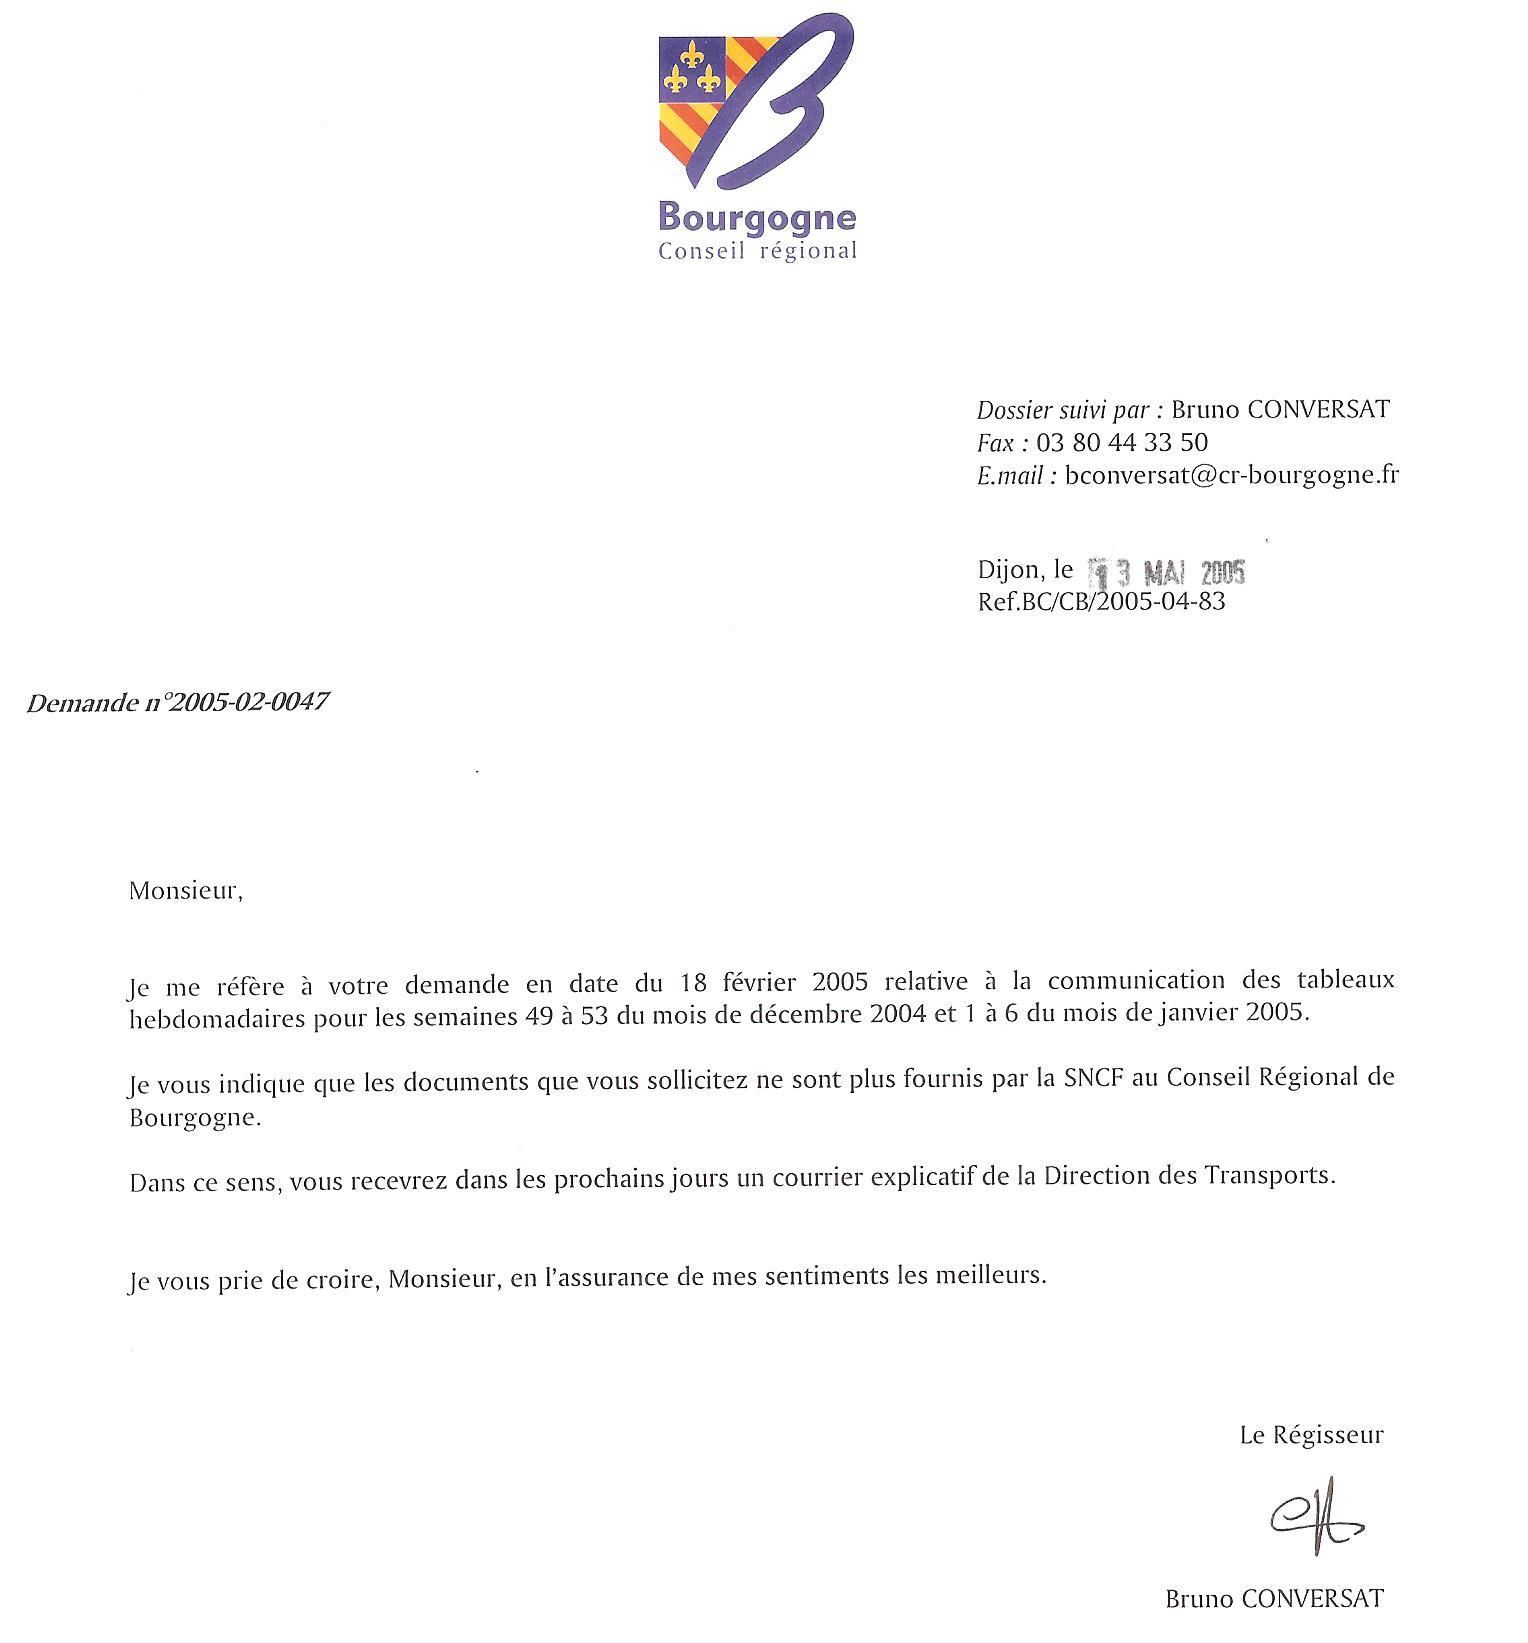 fin-envoit-tdb-regularite-par-sncf-2005-05-13